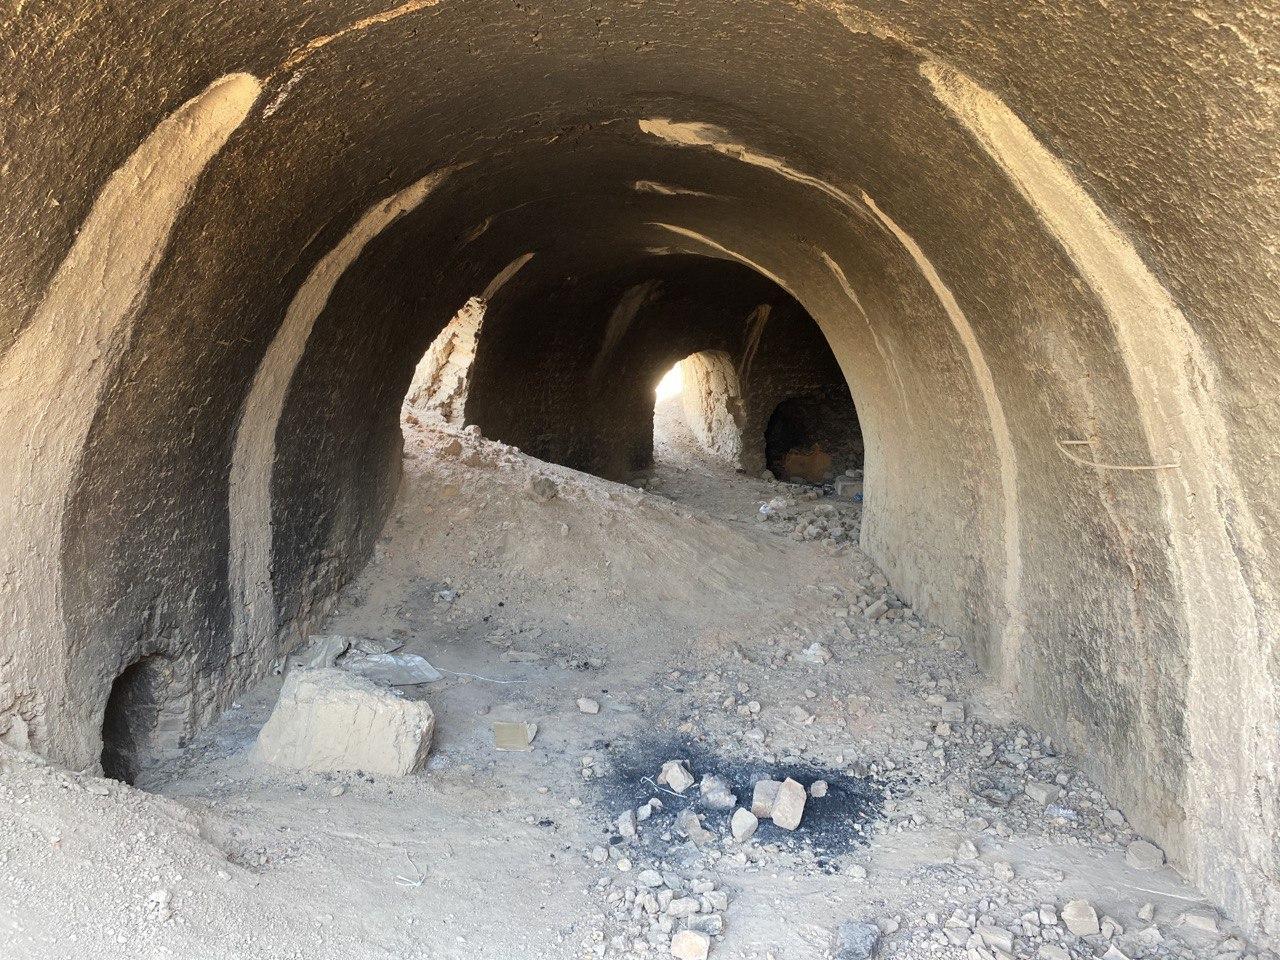 گزارش یک شاهد عینی / زندگی زیر پوست شهر در کوره های آجر پزی